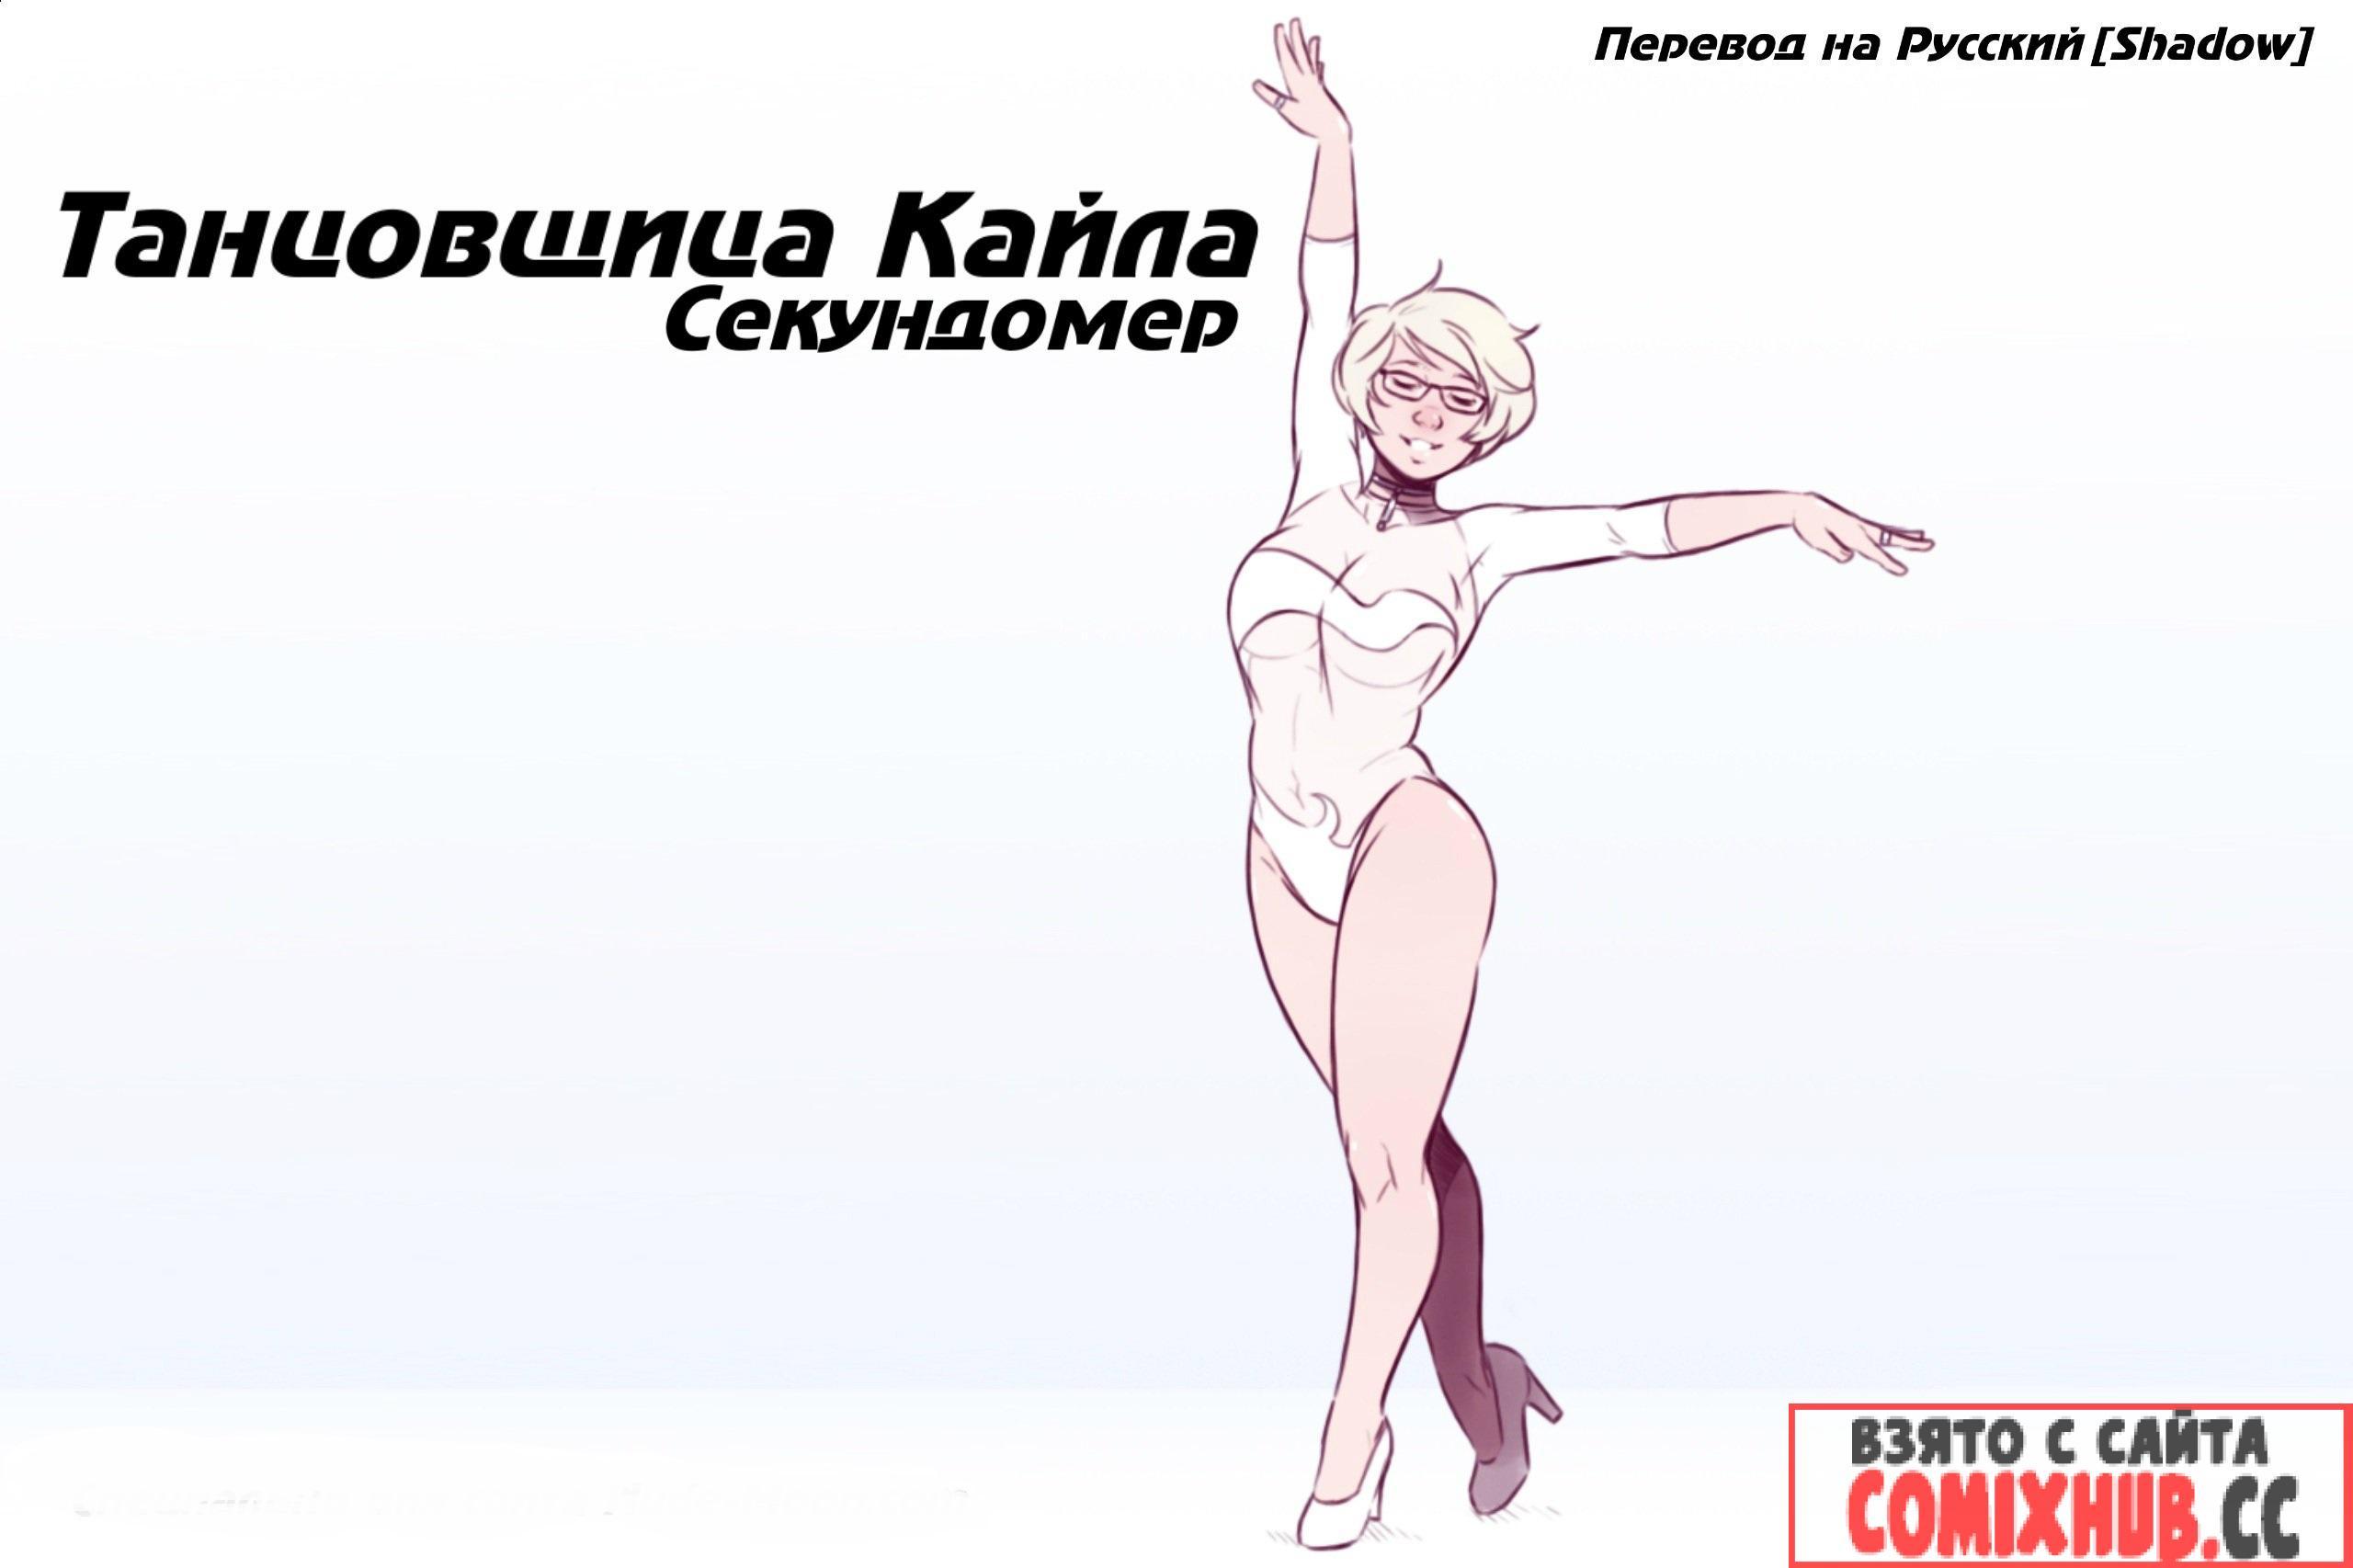 Порно комиксы — Танцовщица Кайла Большие сиськи, Лесбиянки, Минет,